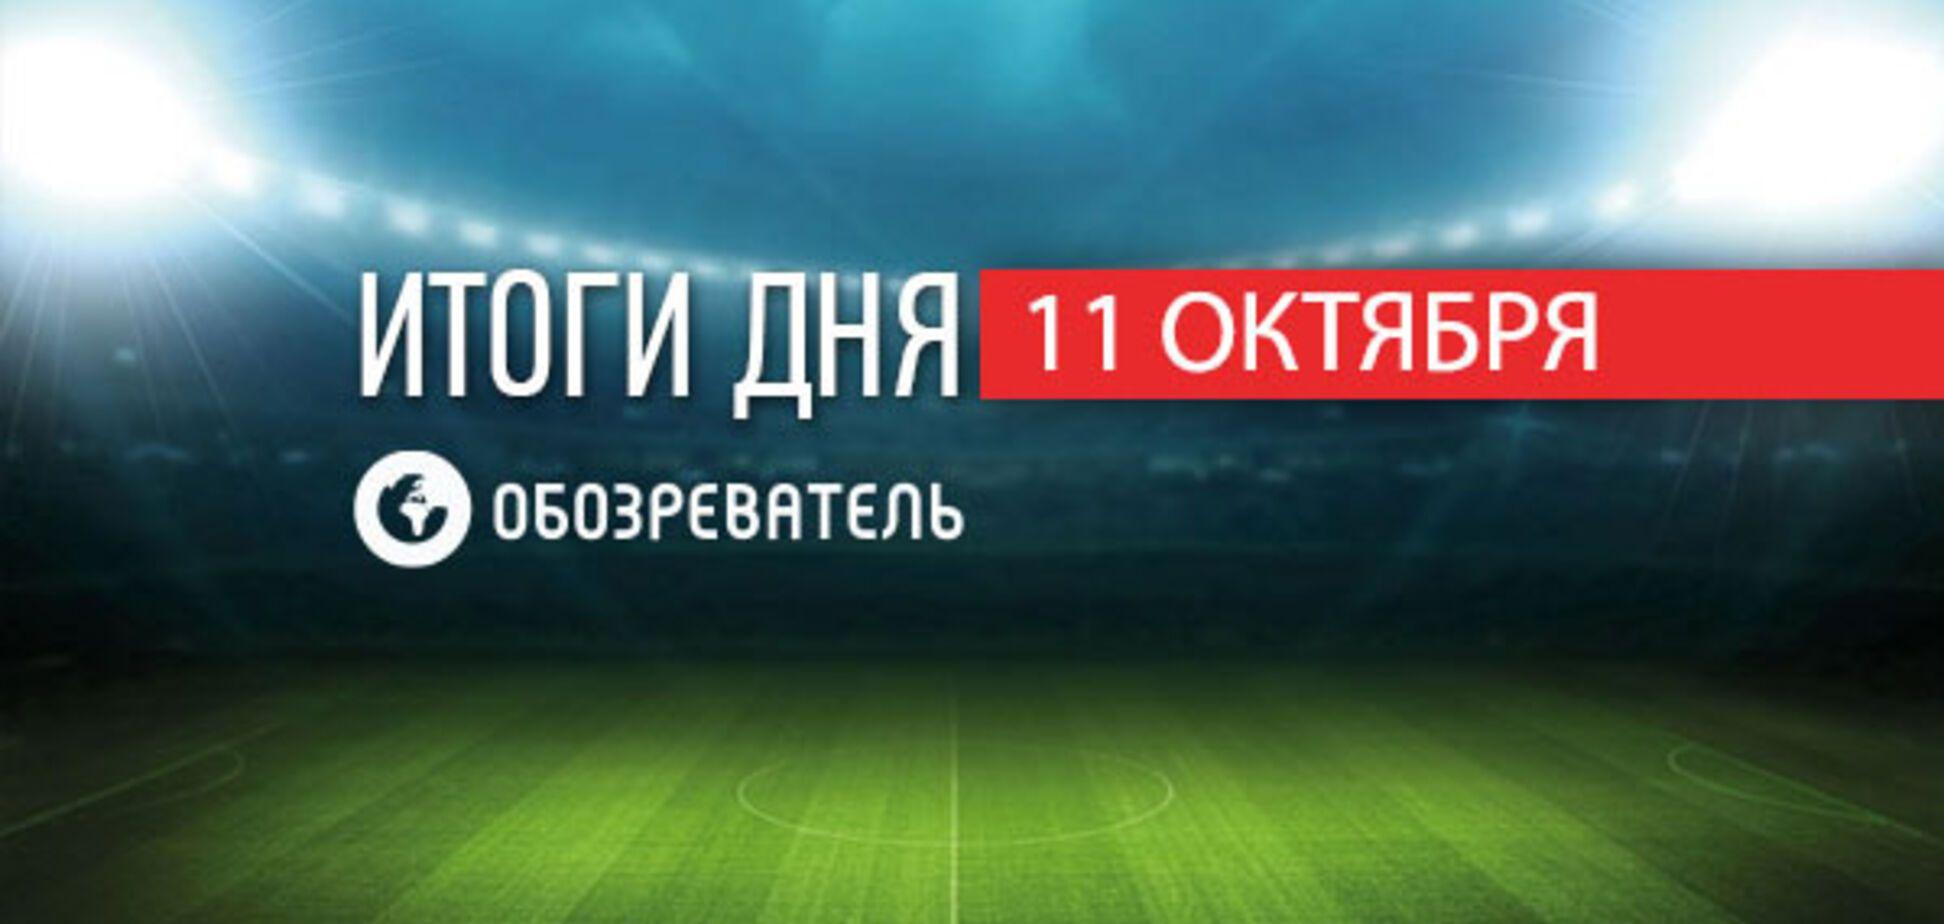 Україна фактично вийшла на Євро-2020: спортивні підсумки 11 жовтня